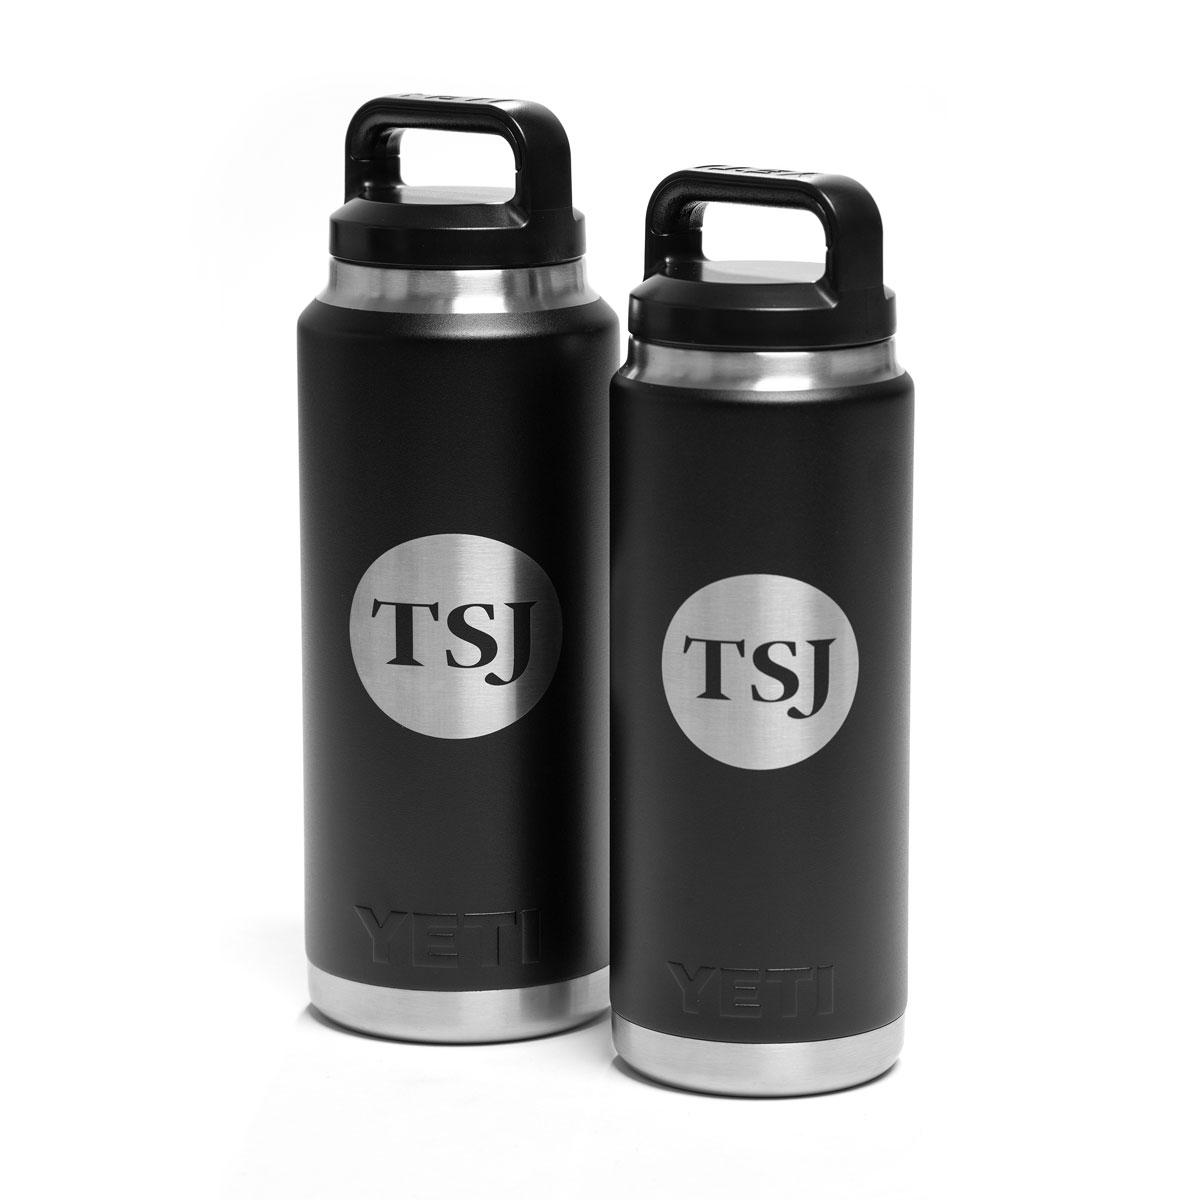 TSJ x YETI Rambler Bottles